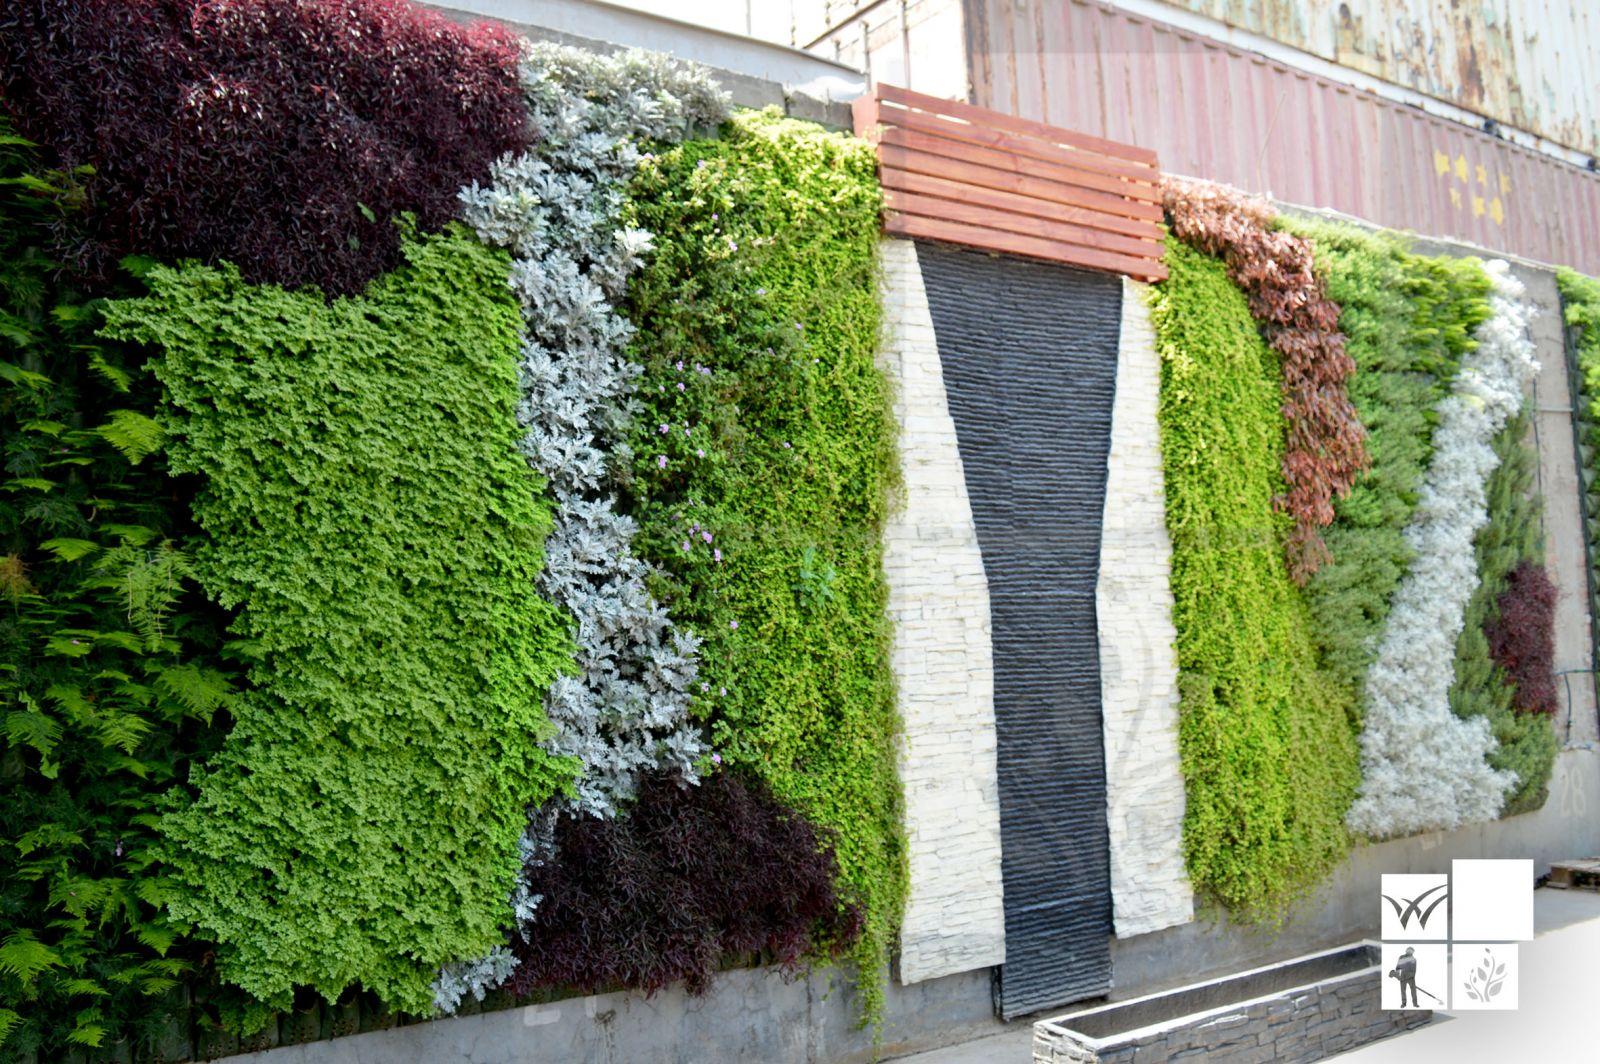 Beneficios de los green walls o muros verdes vivero for Muros verdes beneficios